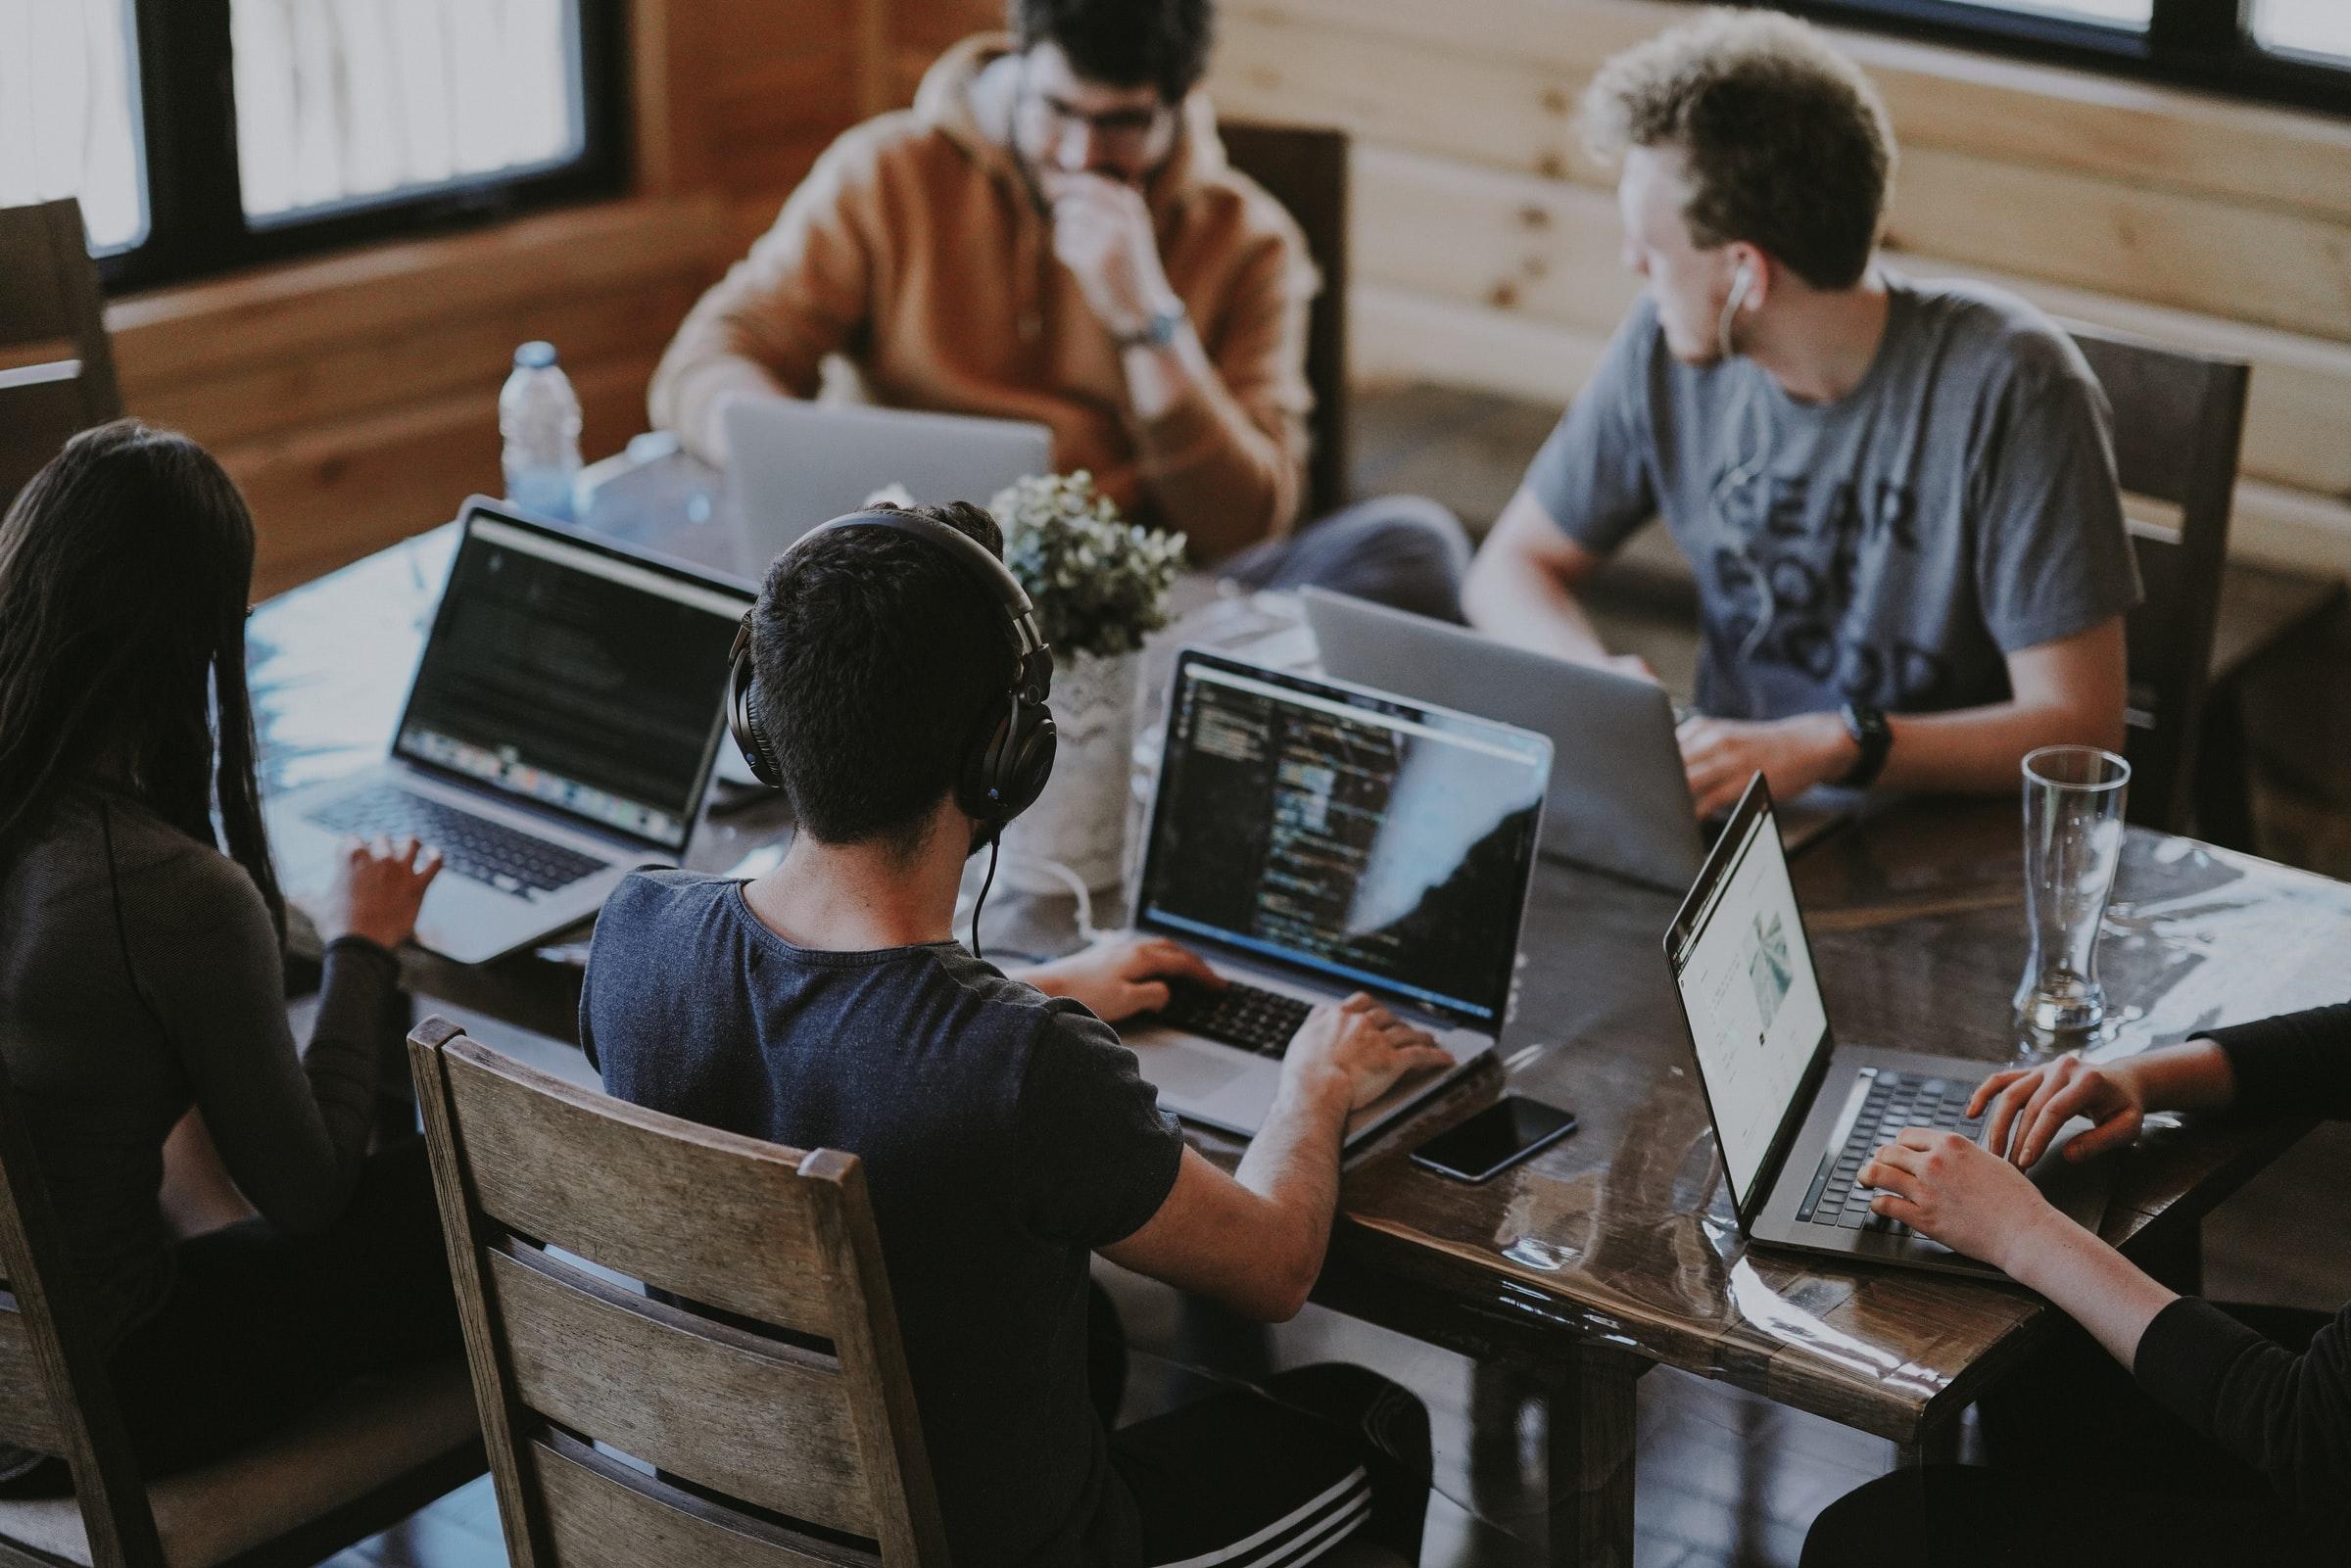 team arbetar tillsammans vid sina datorer